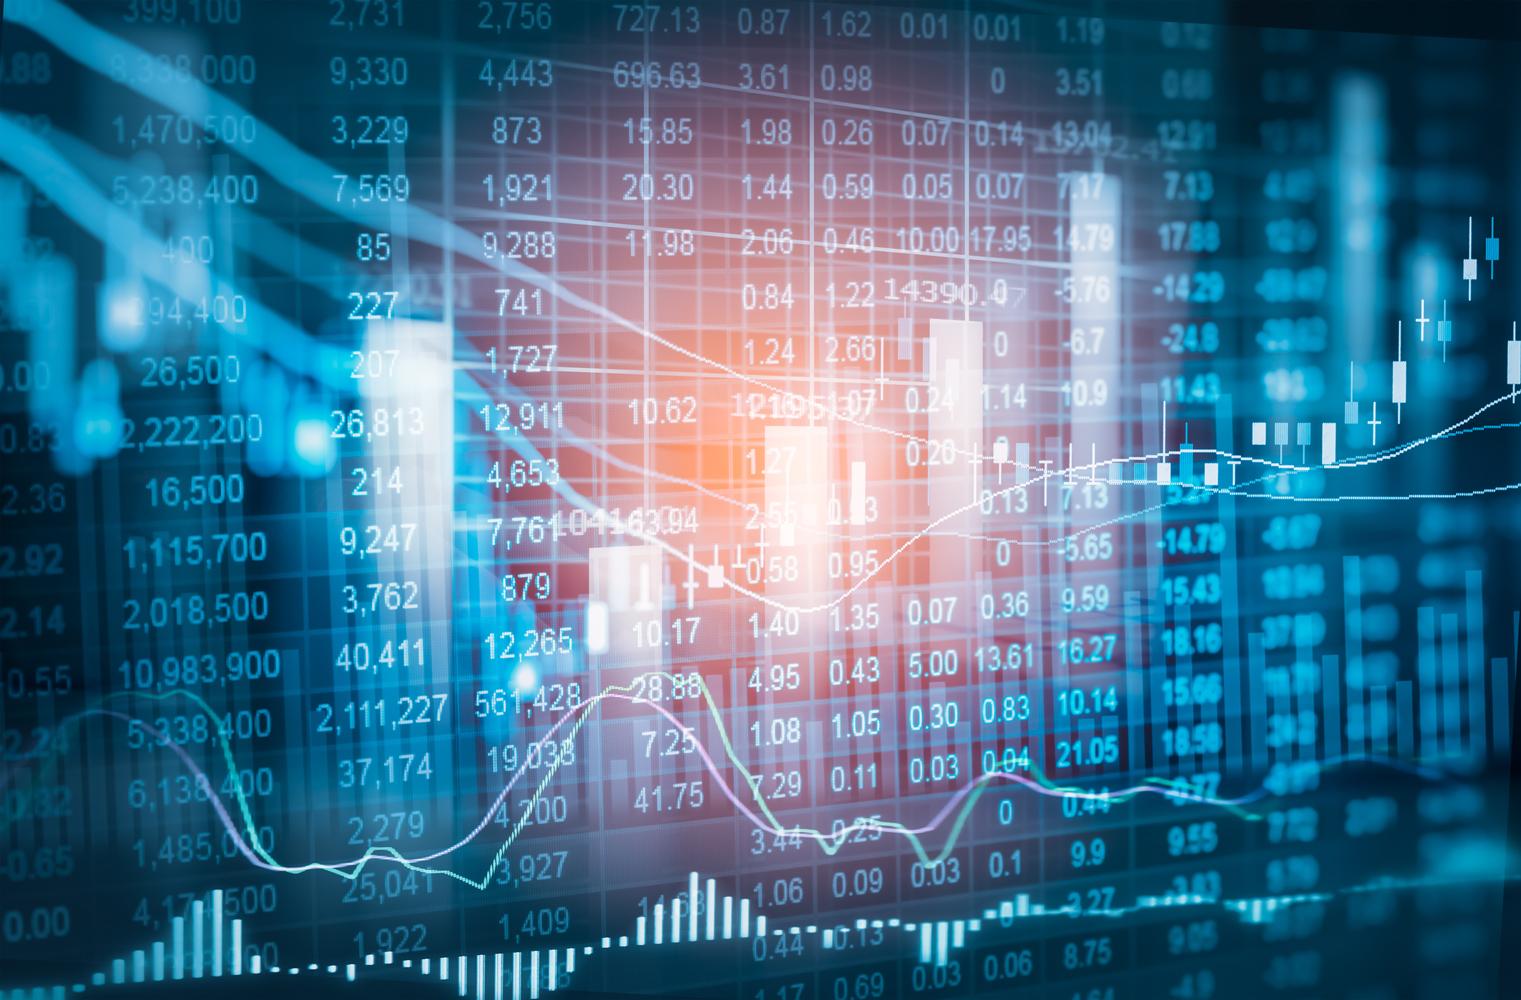 semnale de tranzacționare pentru opțiuni binare nvestn